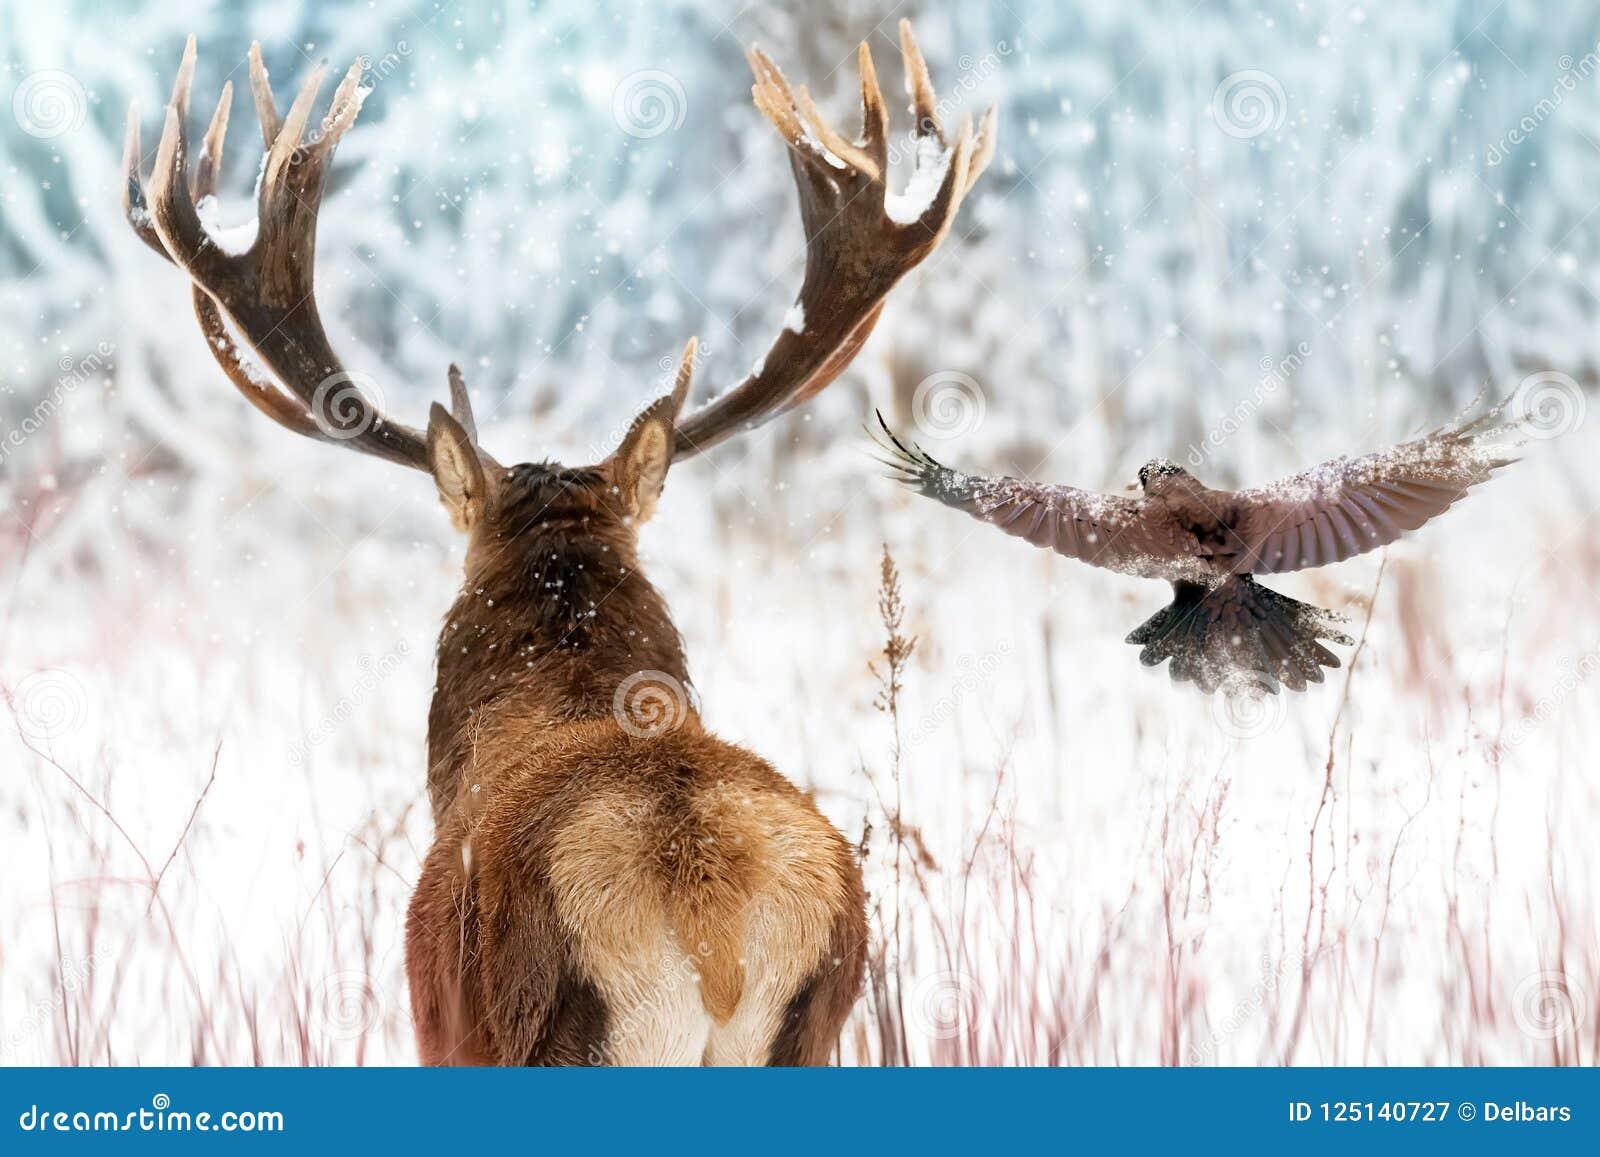 Edle Rotwild mit großen Hörnern und in einem Winterbild feenhafter Wald des Winters im Flug rauben Weihnachts